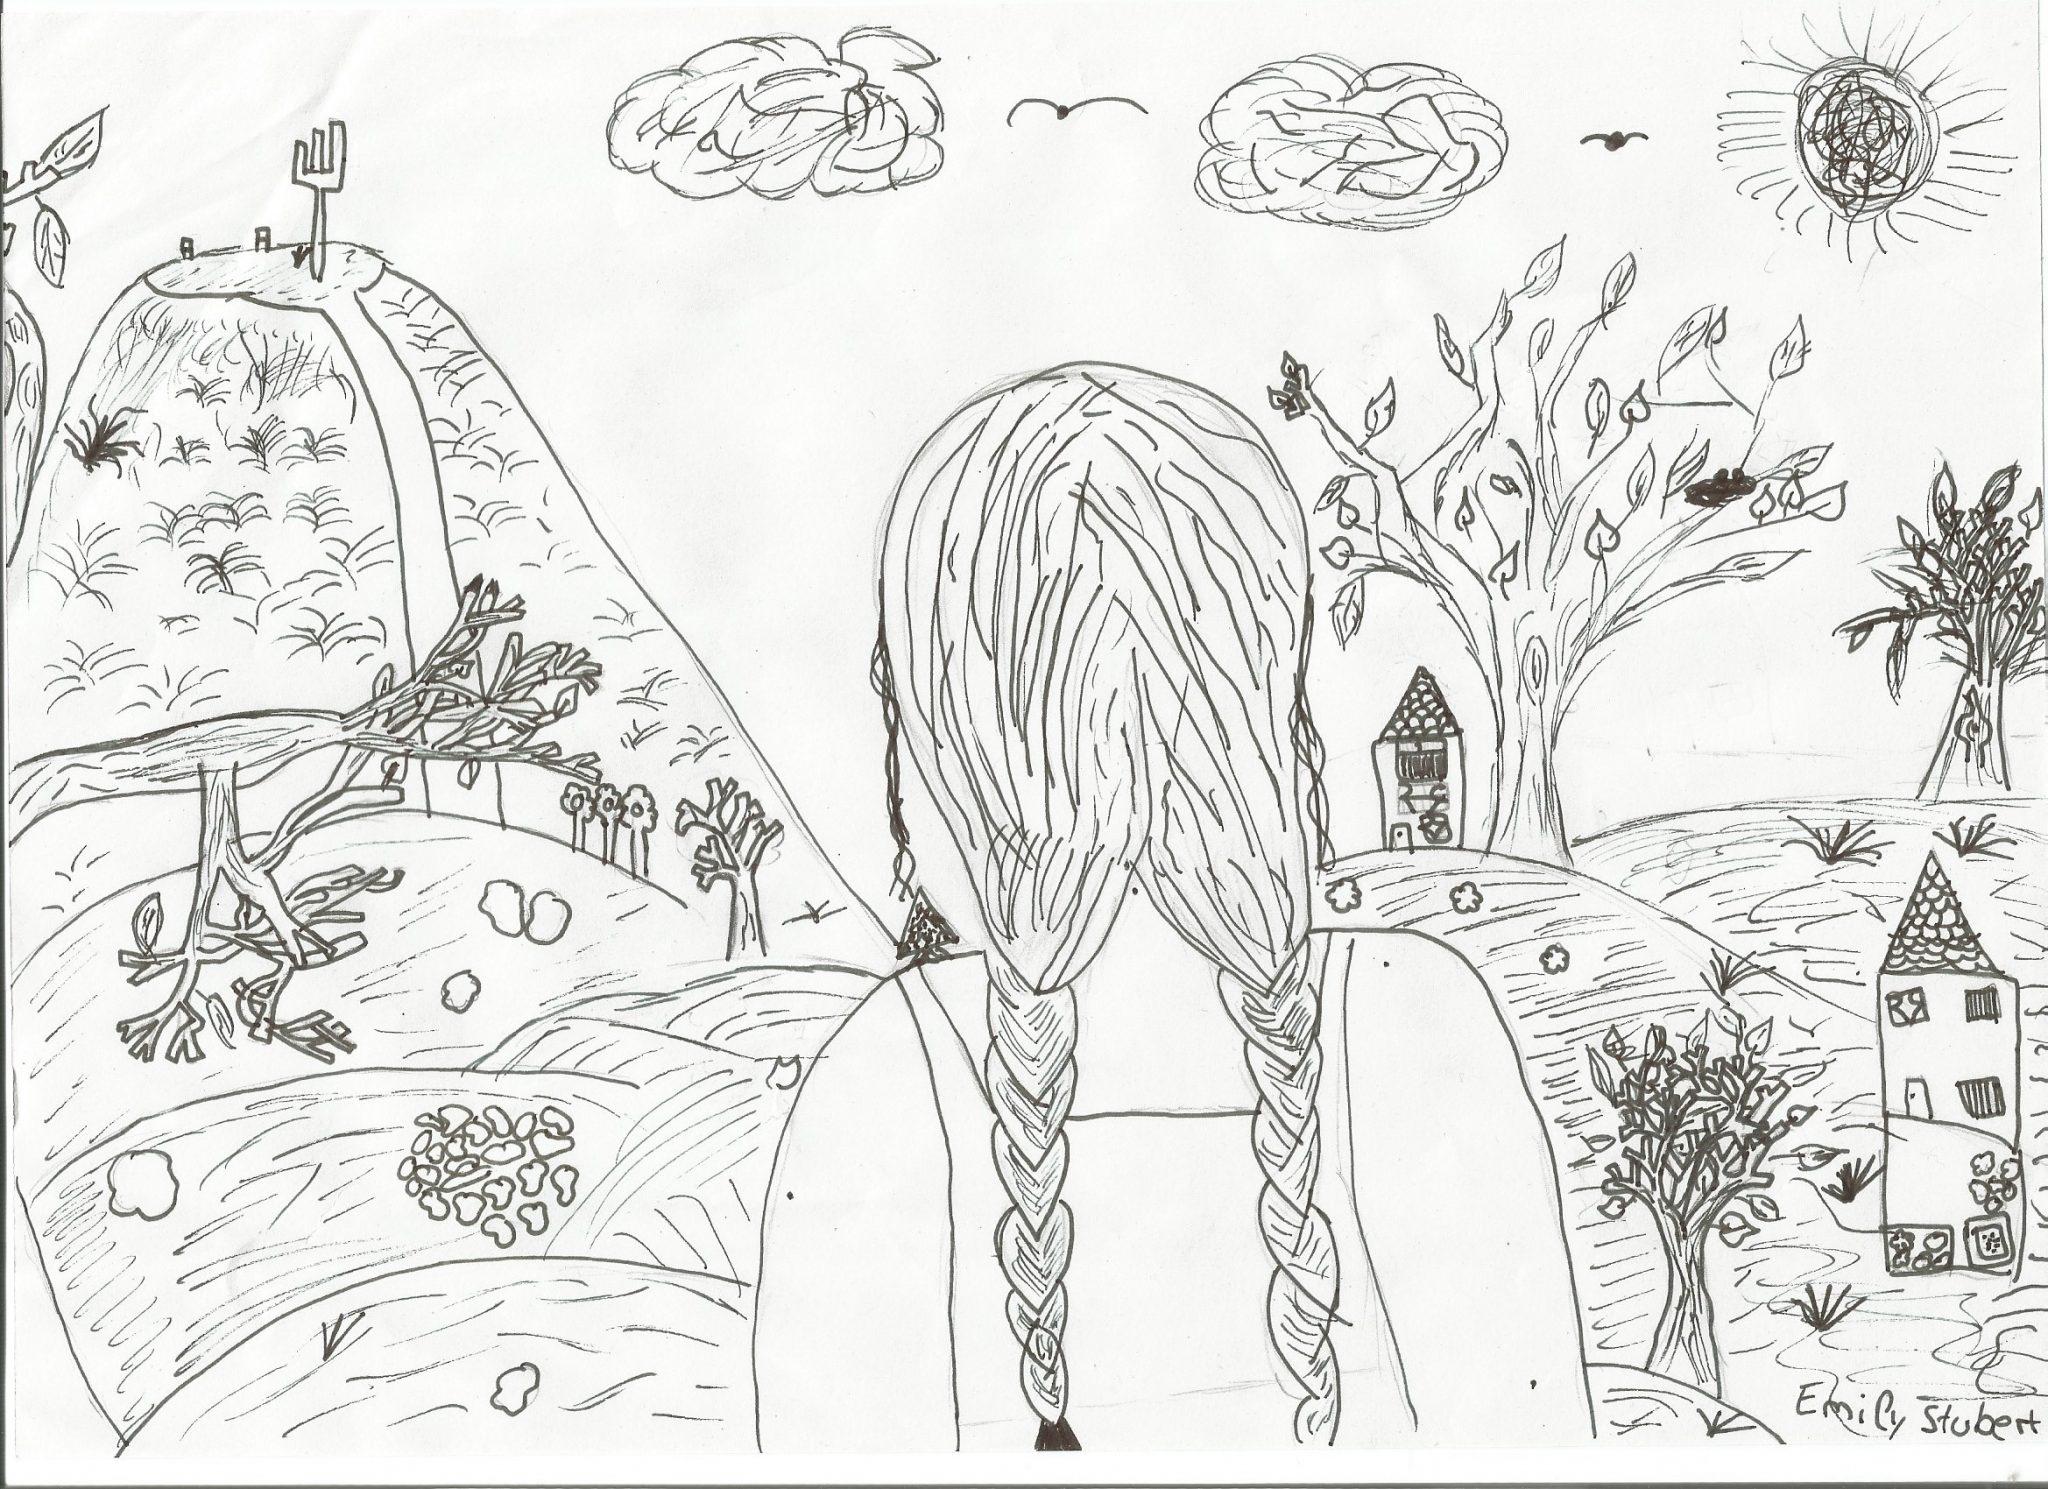 Emily Stubert Bild 1 (2)